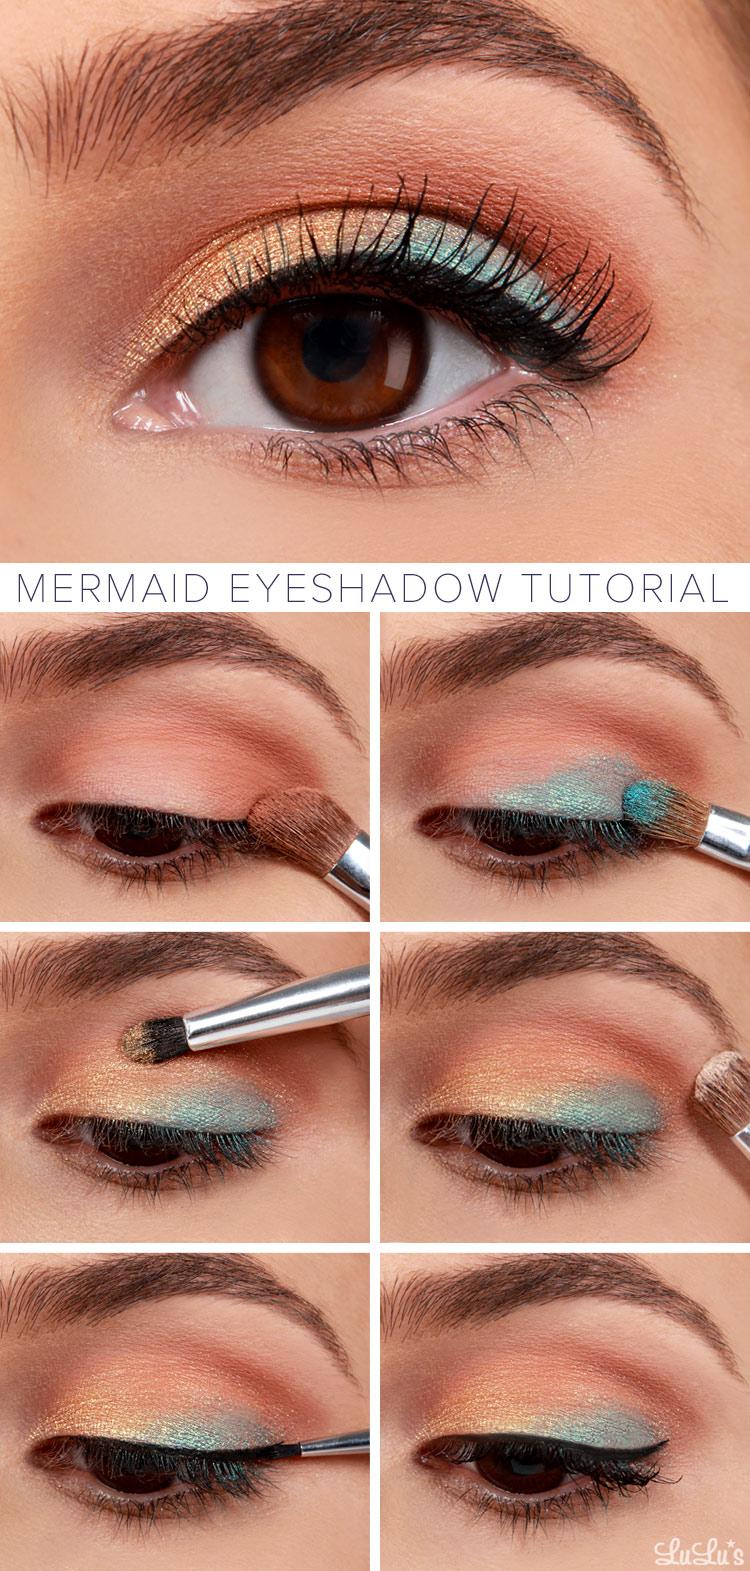 Mermaid Eyeshadow Makeup Tutorial